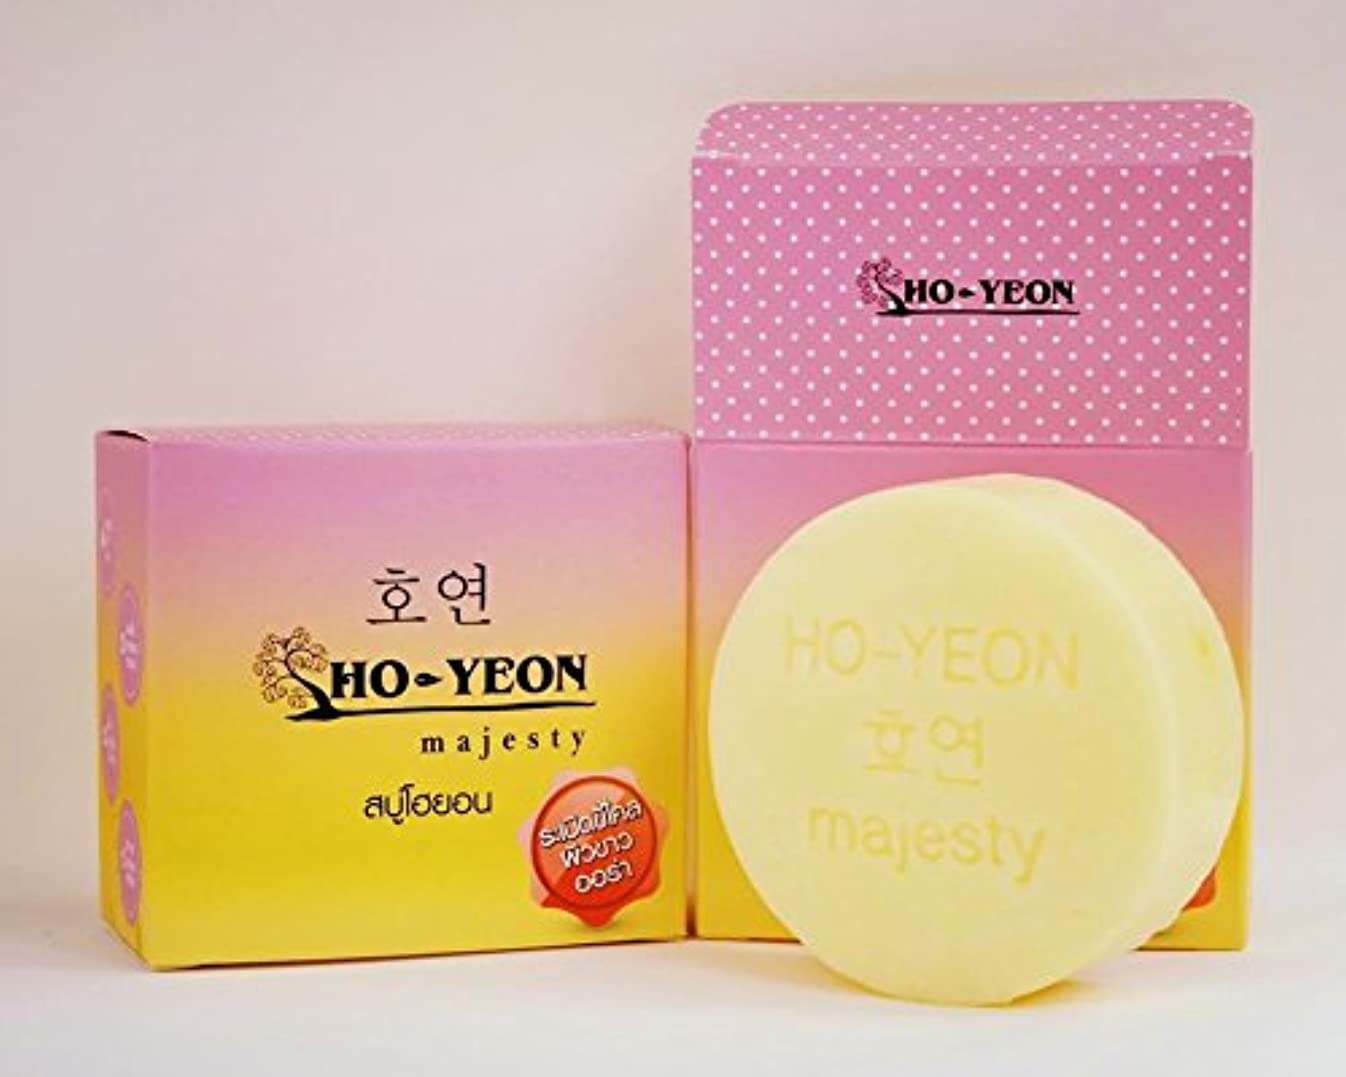 ママ配偶者慢性的1 X Natural Herbal Whitening Soap. Soap Yeon Ho-yeon the HO (80 grams) Free shipping